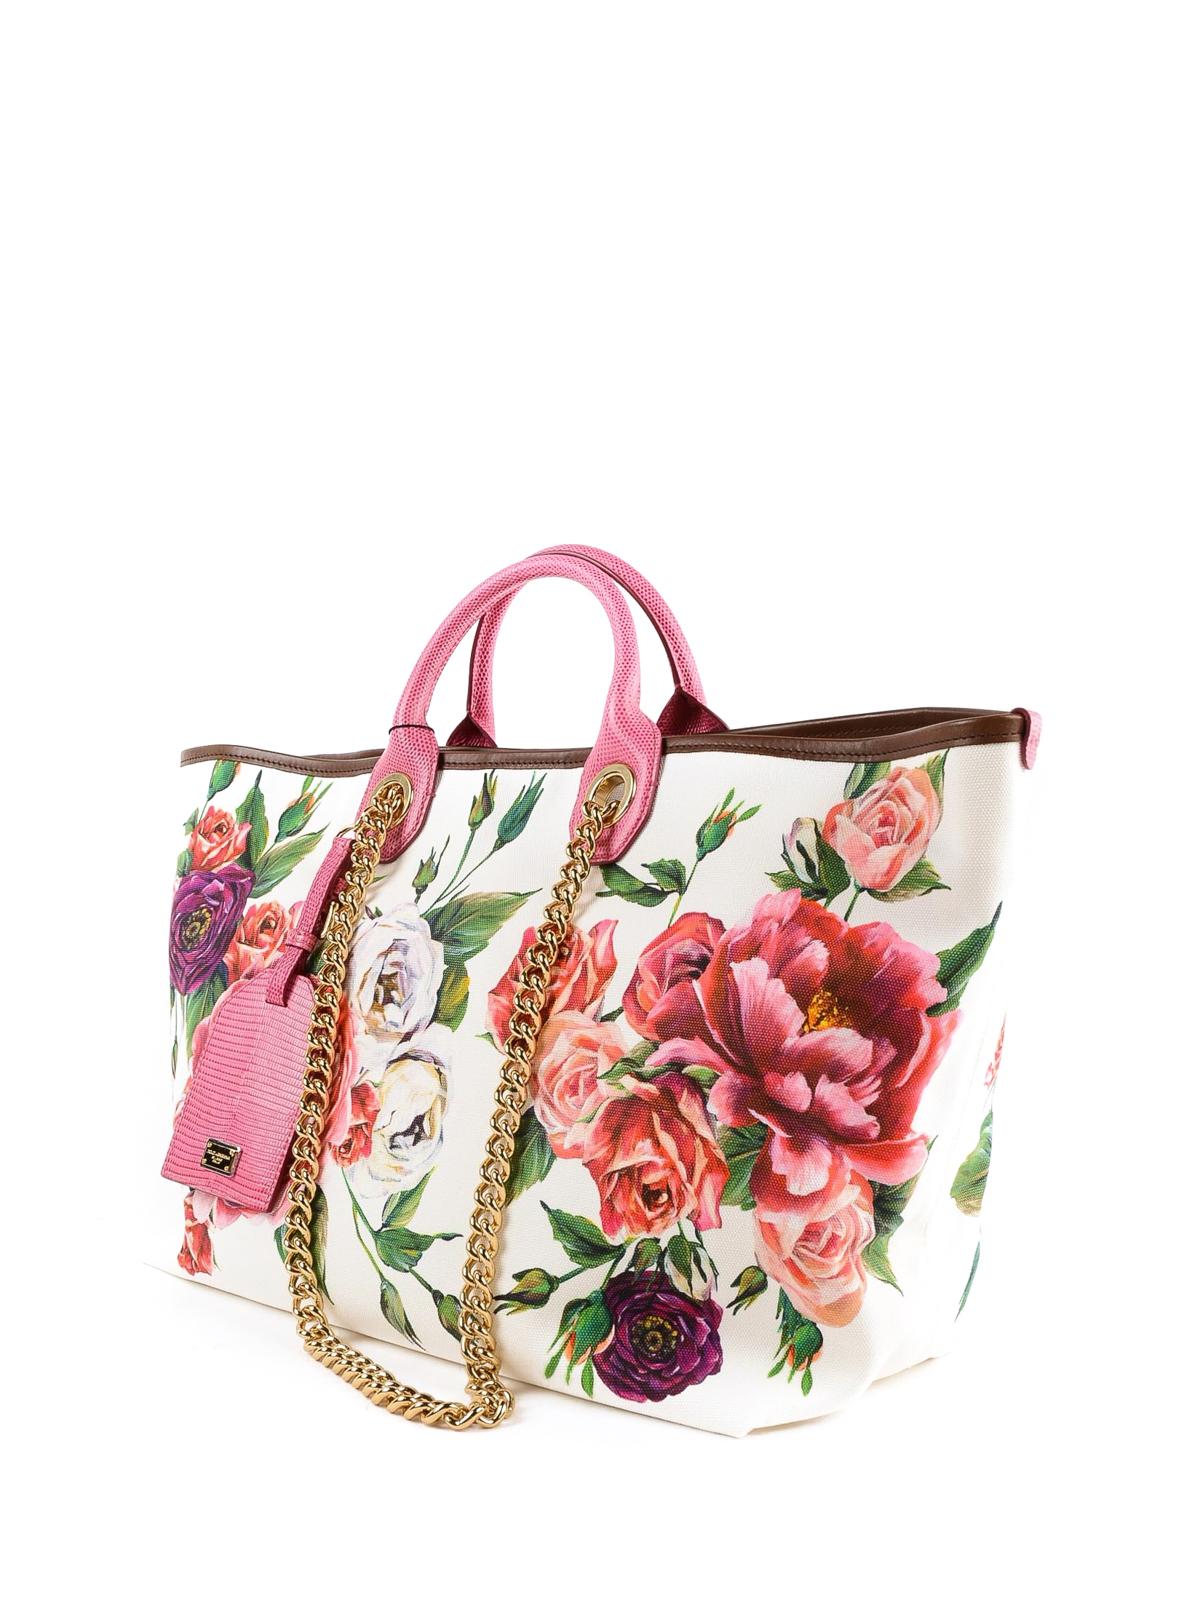 Dolce & Gabbana - Shopper Capri media in canvas stampato